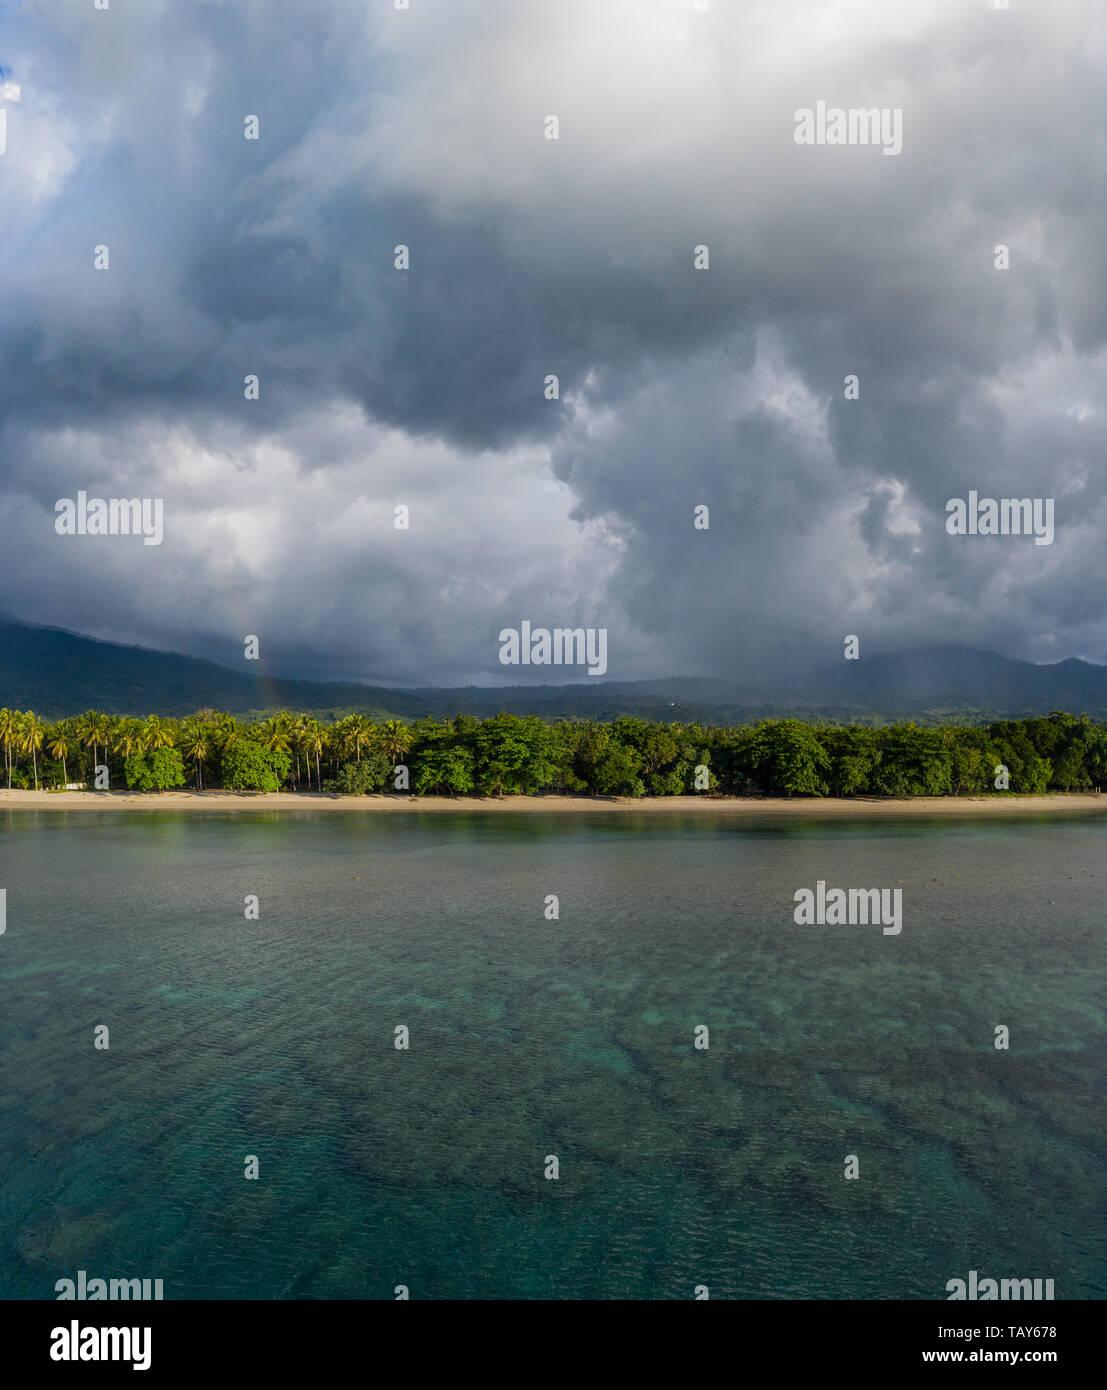 Pioggia nuvole deriva su SCENIC, costa tropicale di Flores, Indonesia. Questa grande isola è circondata da barriere coralline. Immagini Stock